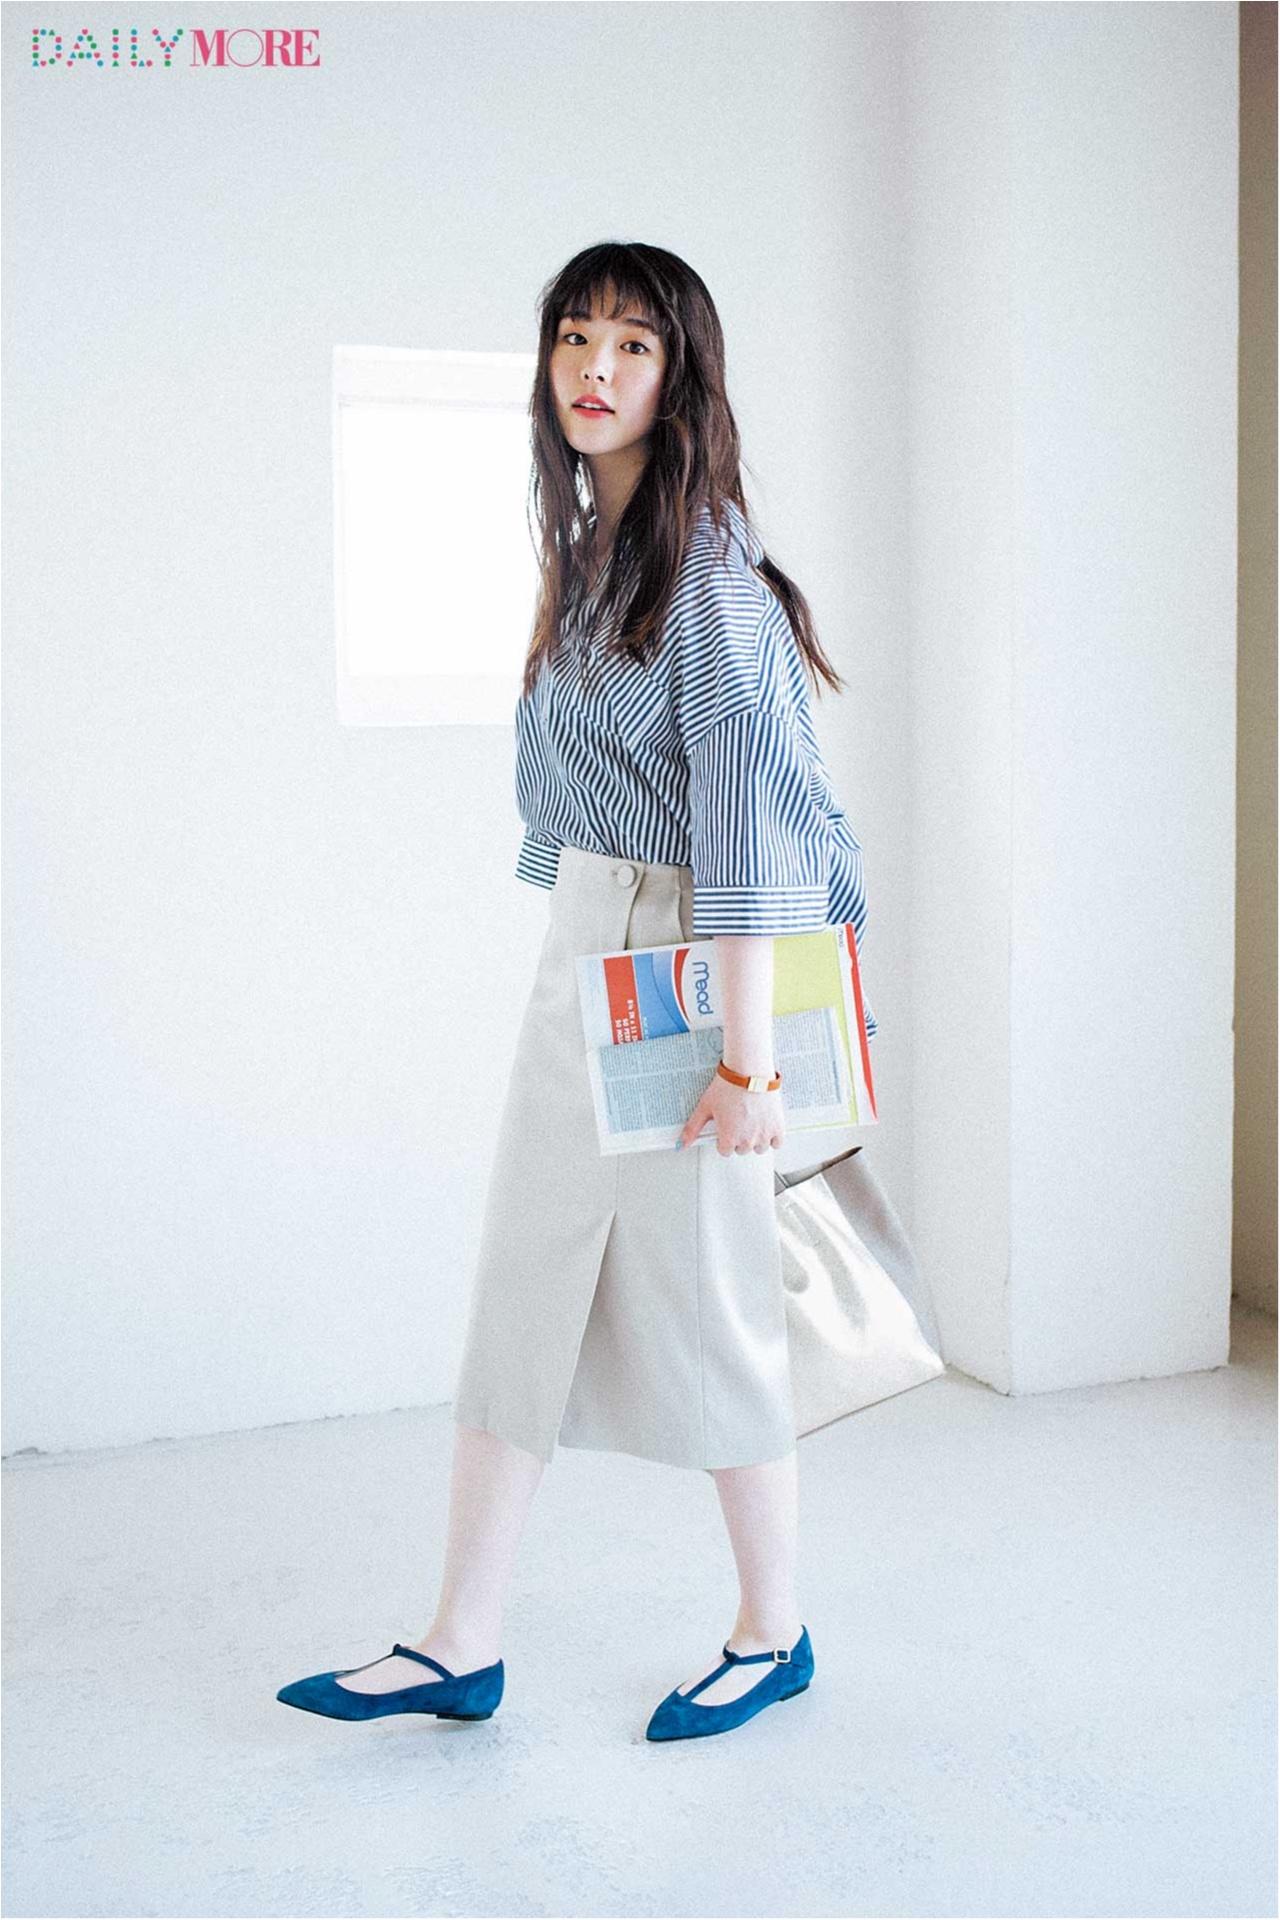 【今日のコーデ/唐田えりか】仕事を頑張る金曜日はストライプシャツ×ラップスカートできりっと涼しげ。_1